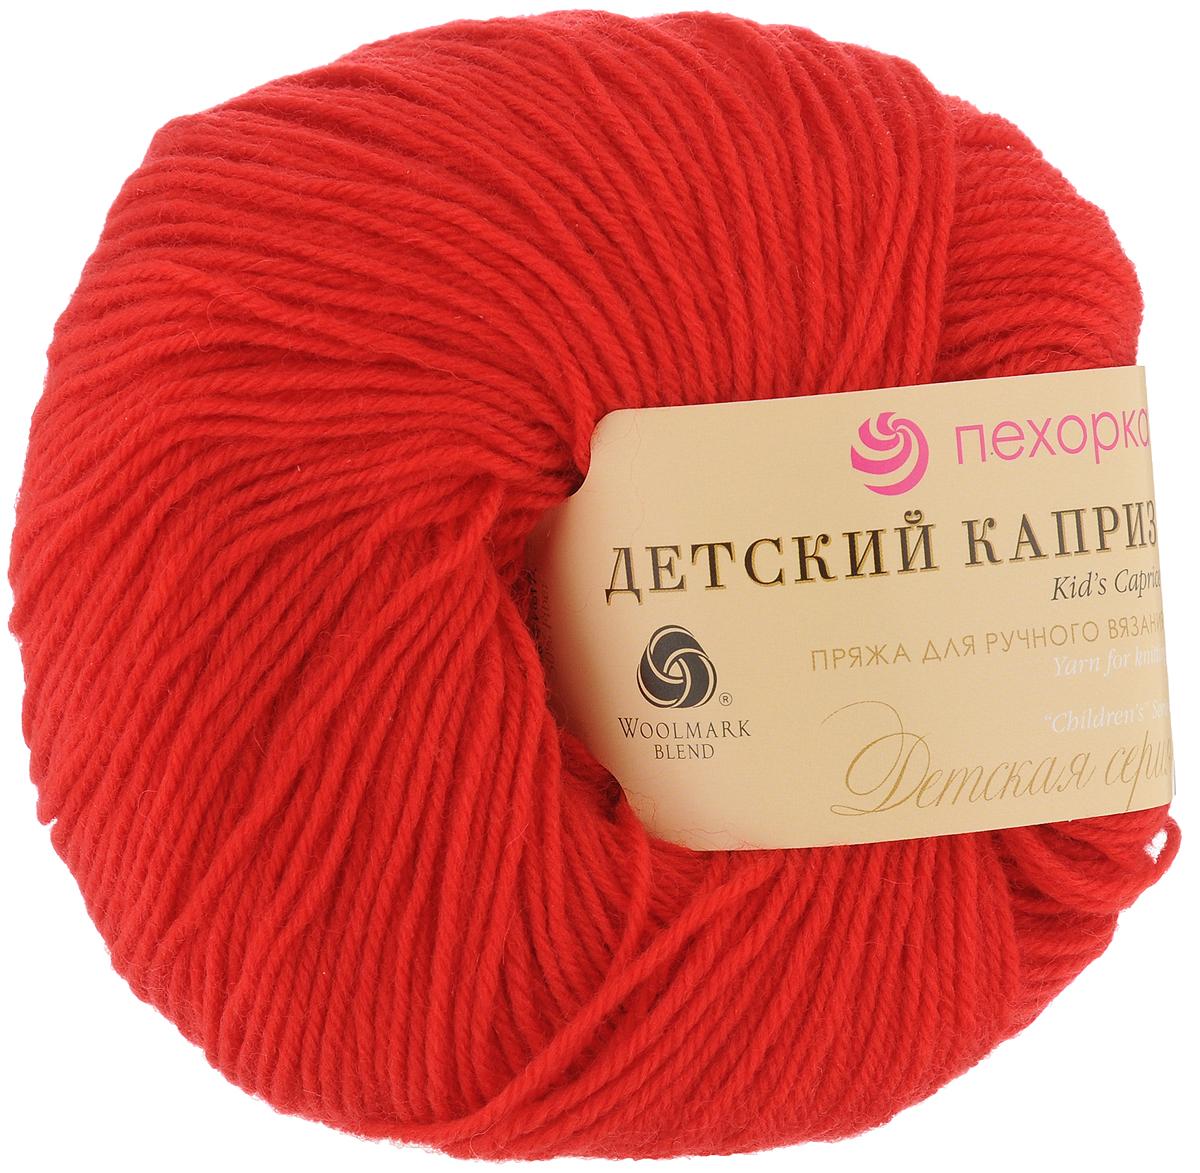 Пряжа для вязания Пехорка Детский каприз, цвет: красный мак (88), 225 м, 50 г, 10 шт пряжа для вязания пехорка рукодельная цвет сирень 22 175 м 50 г 5 шт